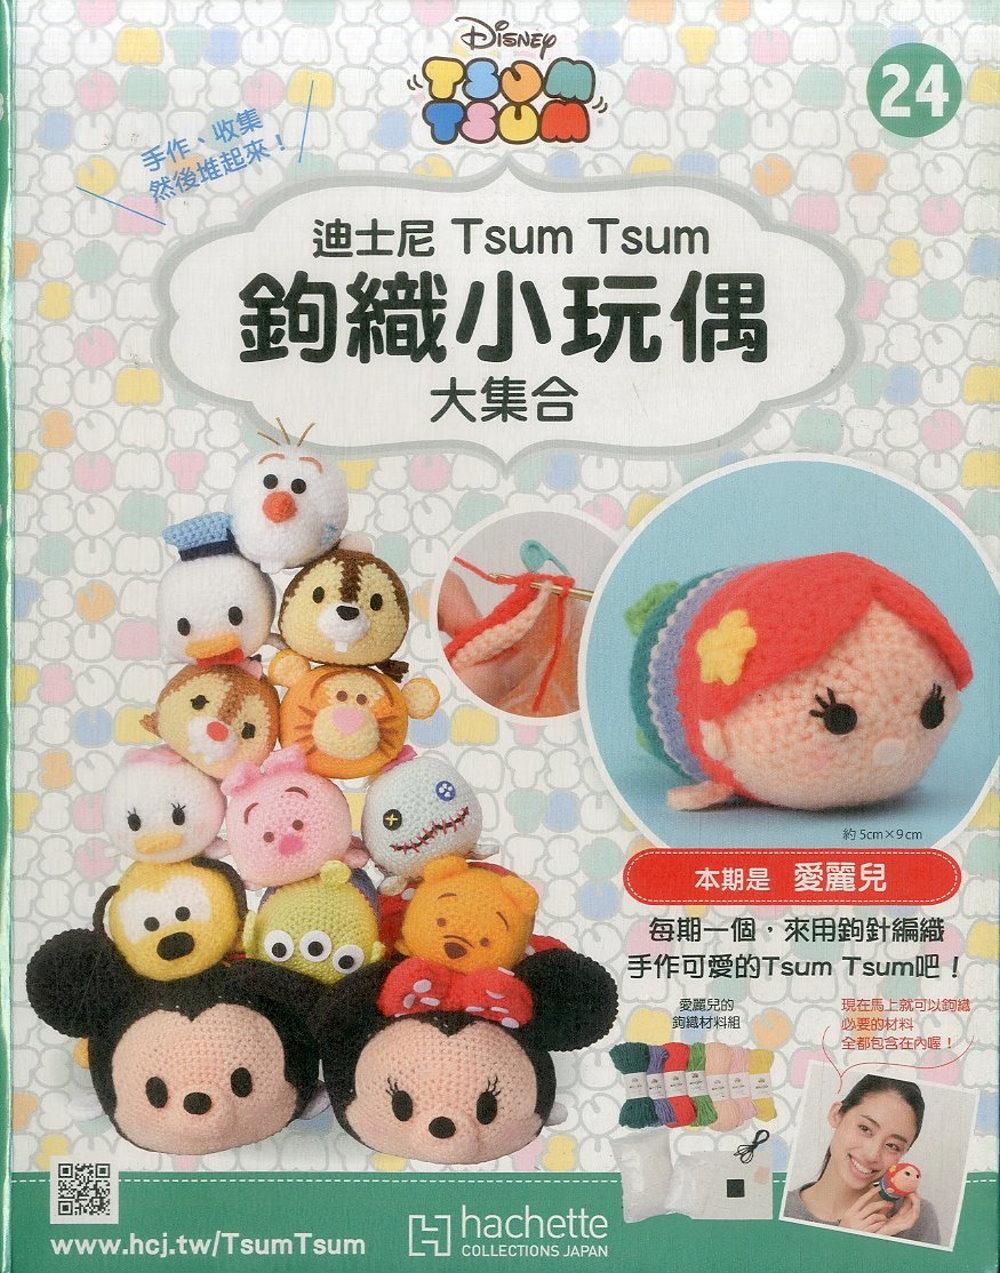 迪士尼TsumTsum 鉤織小玩偶 大集合 2018/8/1 第24期